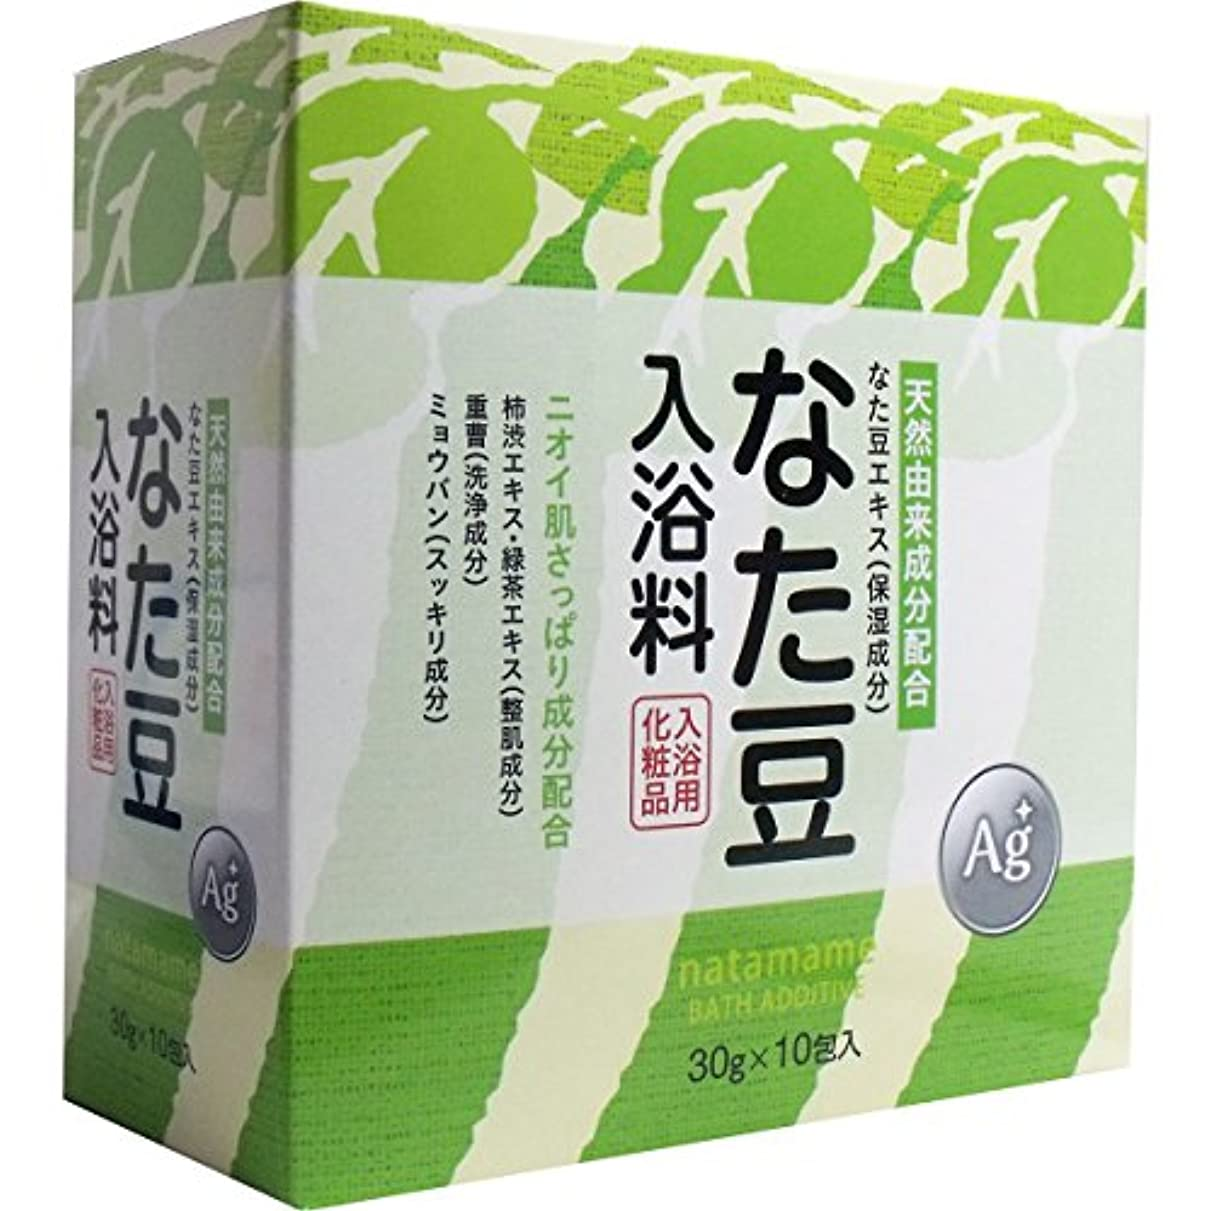 宣伝遺棄された運営なた豆入浴料 入浴用化粧品 30g×10包入×3